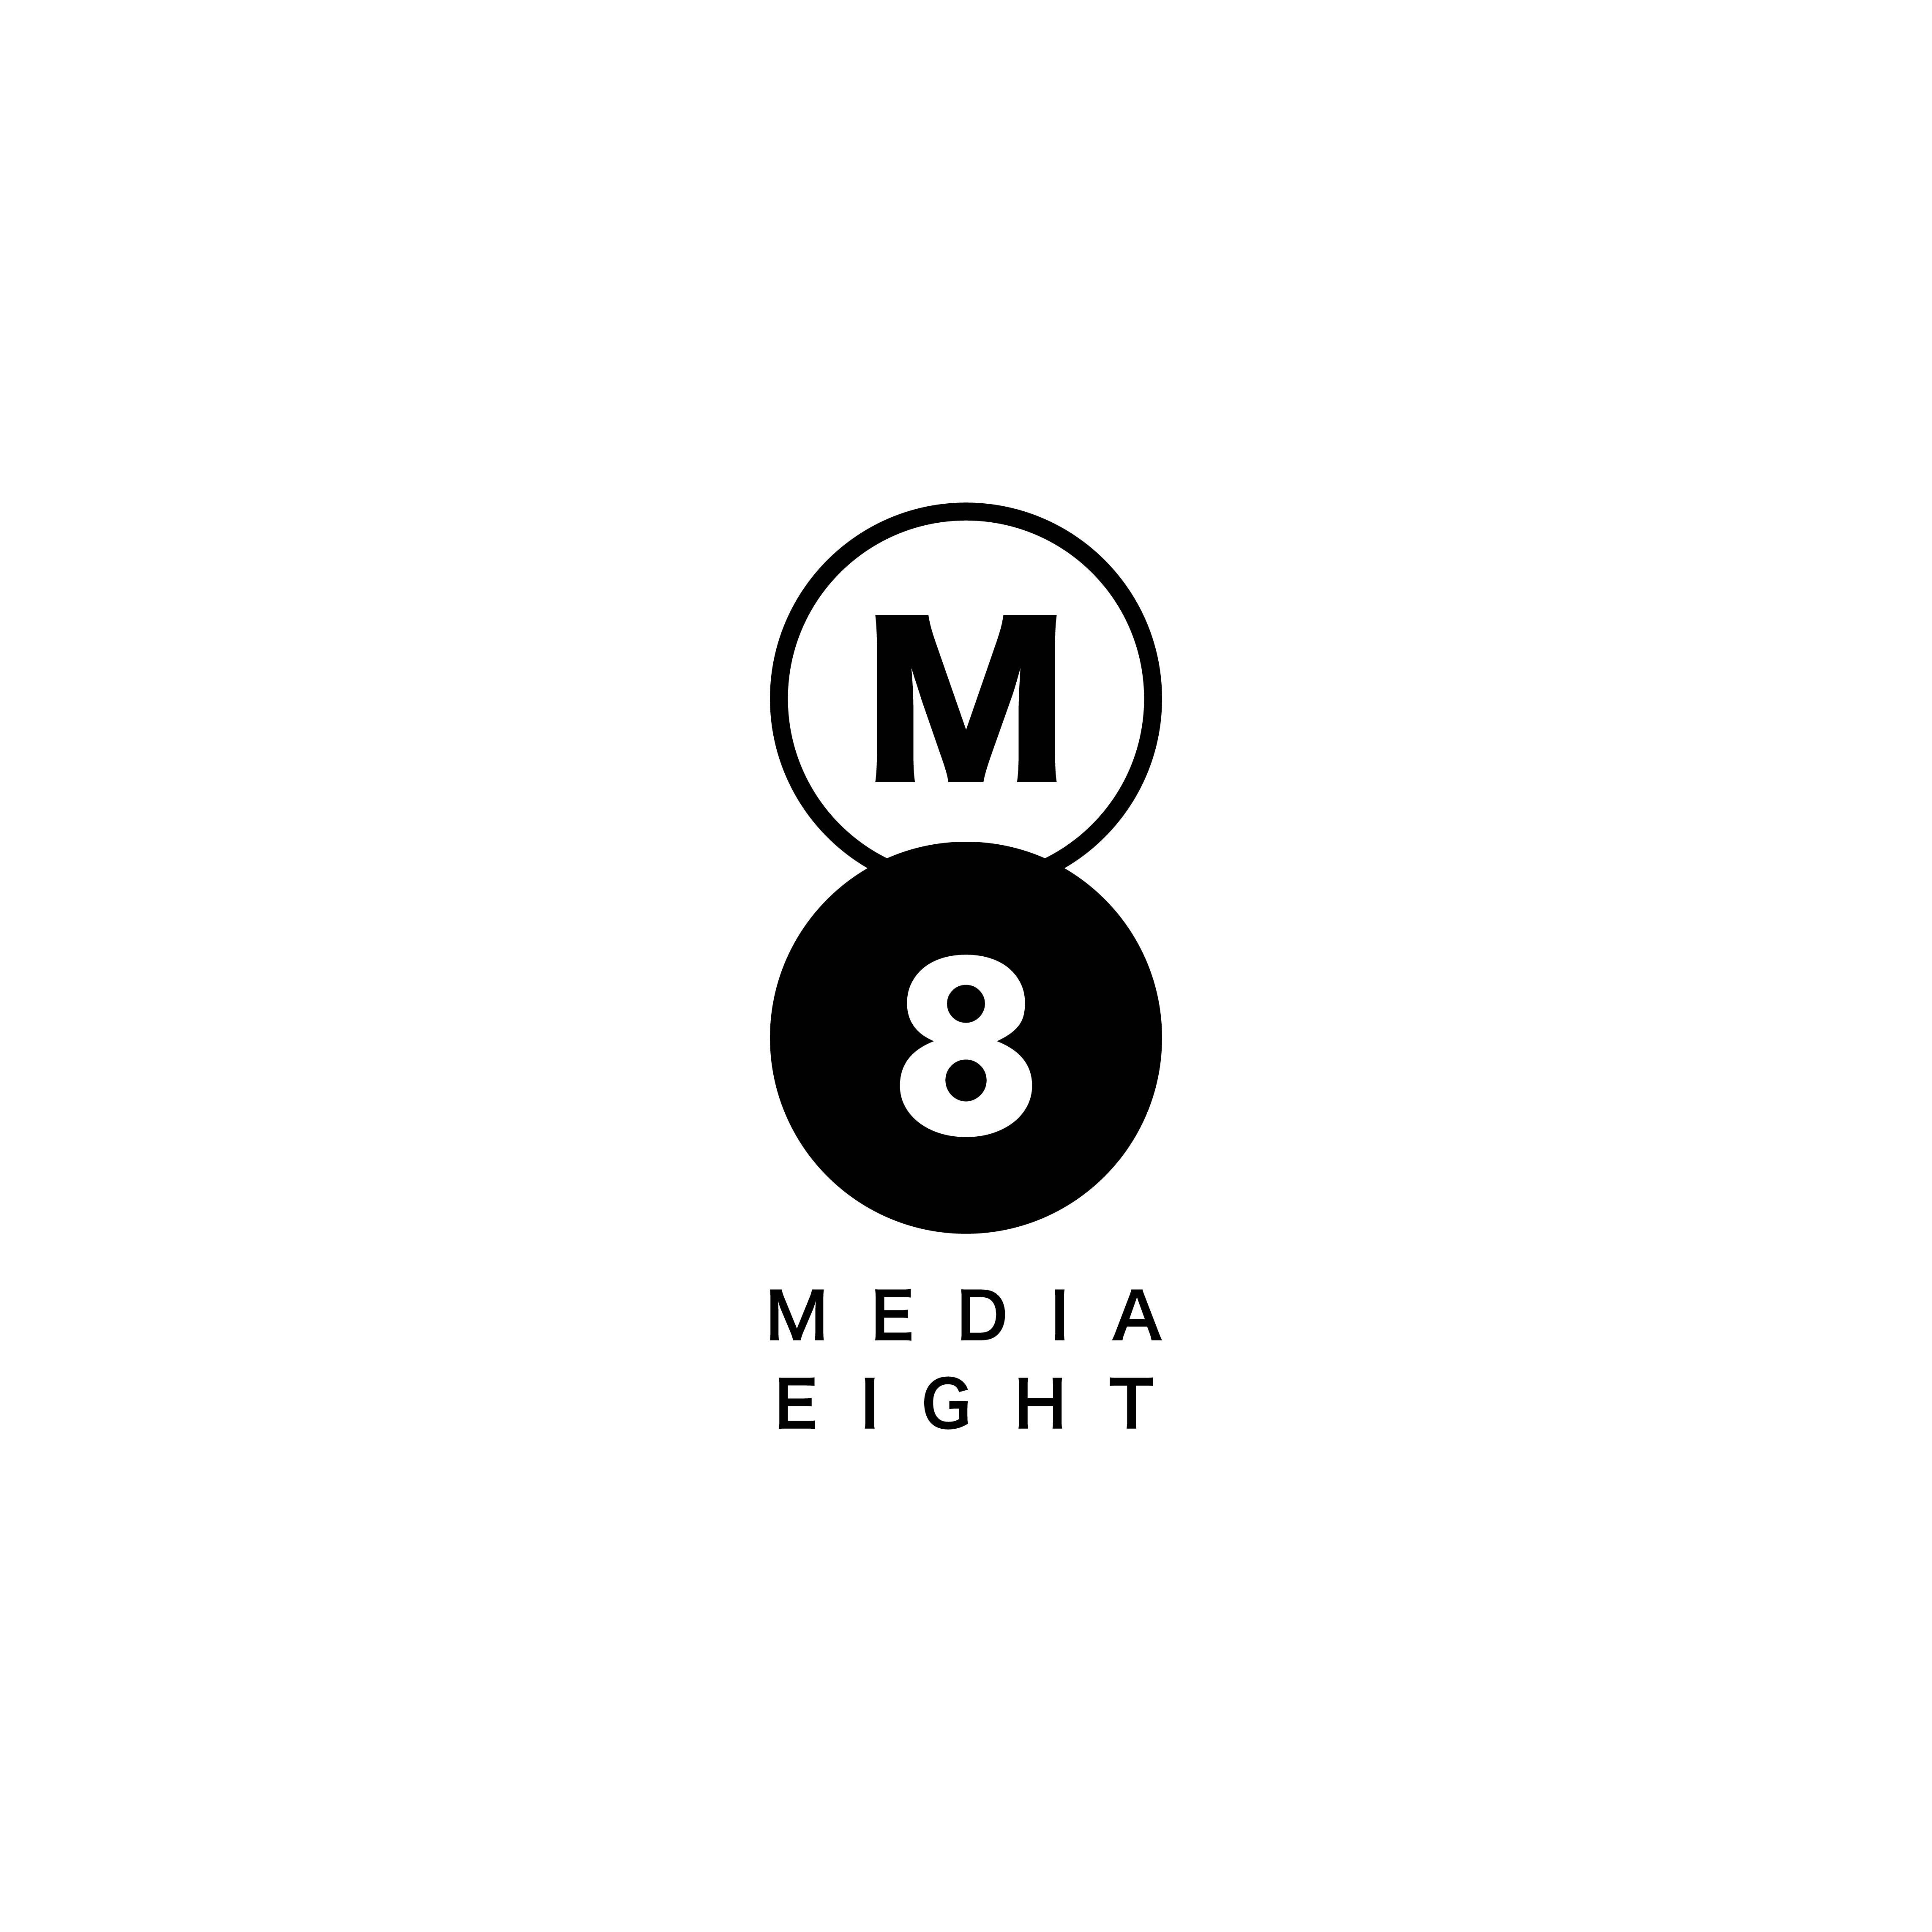 株式会社MEDIA8(メディアエイト)設立